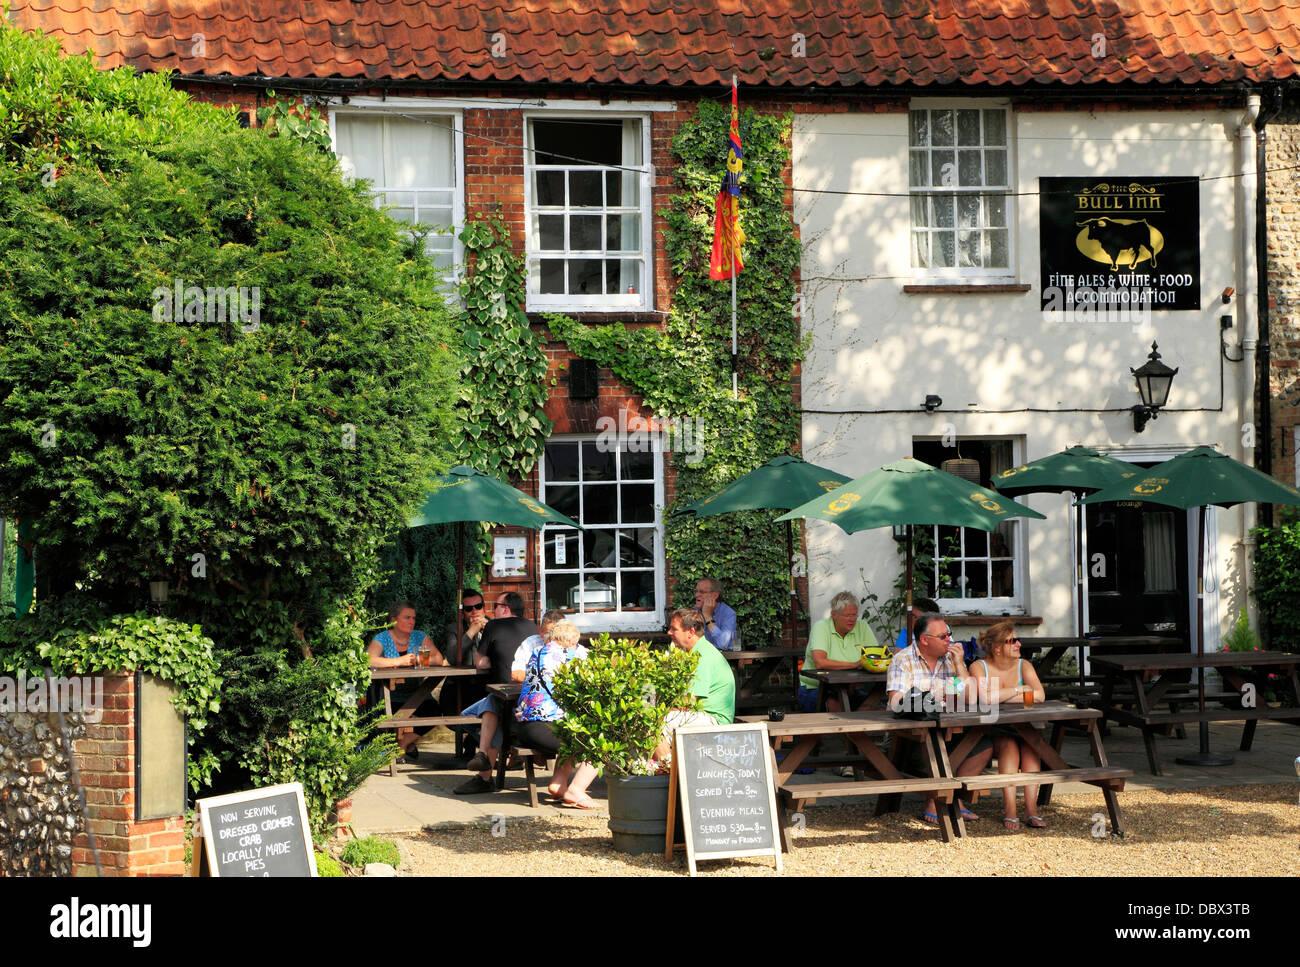 Walsingham, The Bull Inn, le jardin et la pub, les personnes qui consomment de l'alcool, Norfolk, Angleterre, Photo Stock